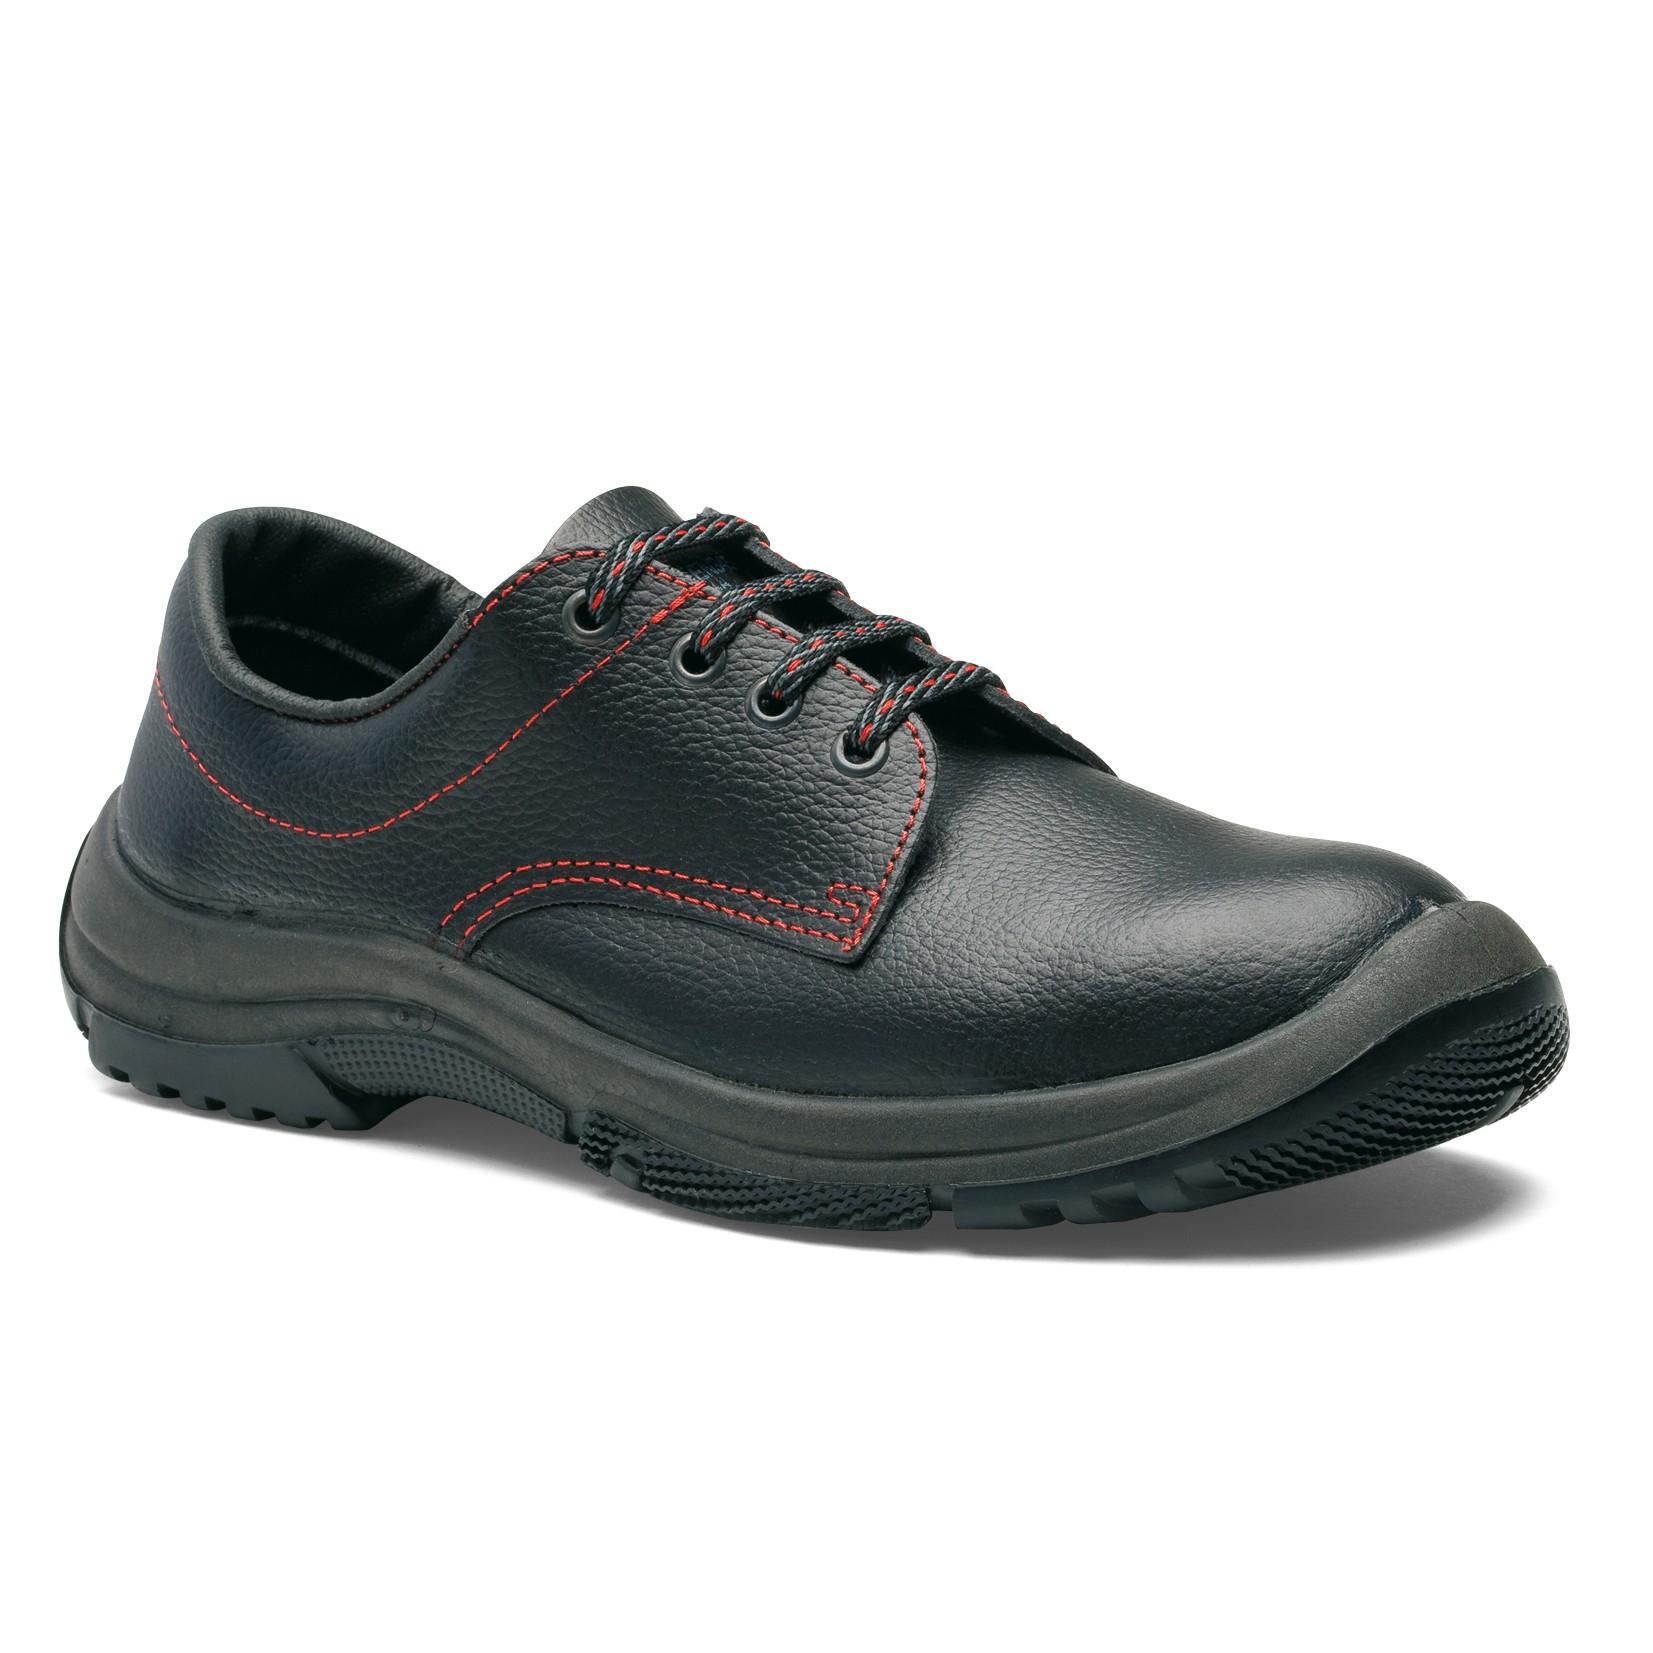 Chaussure de securite homme...